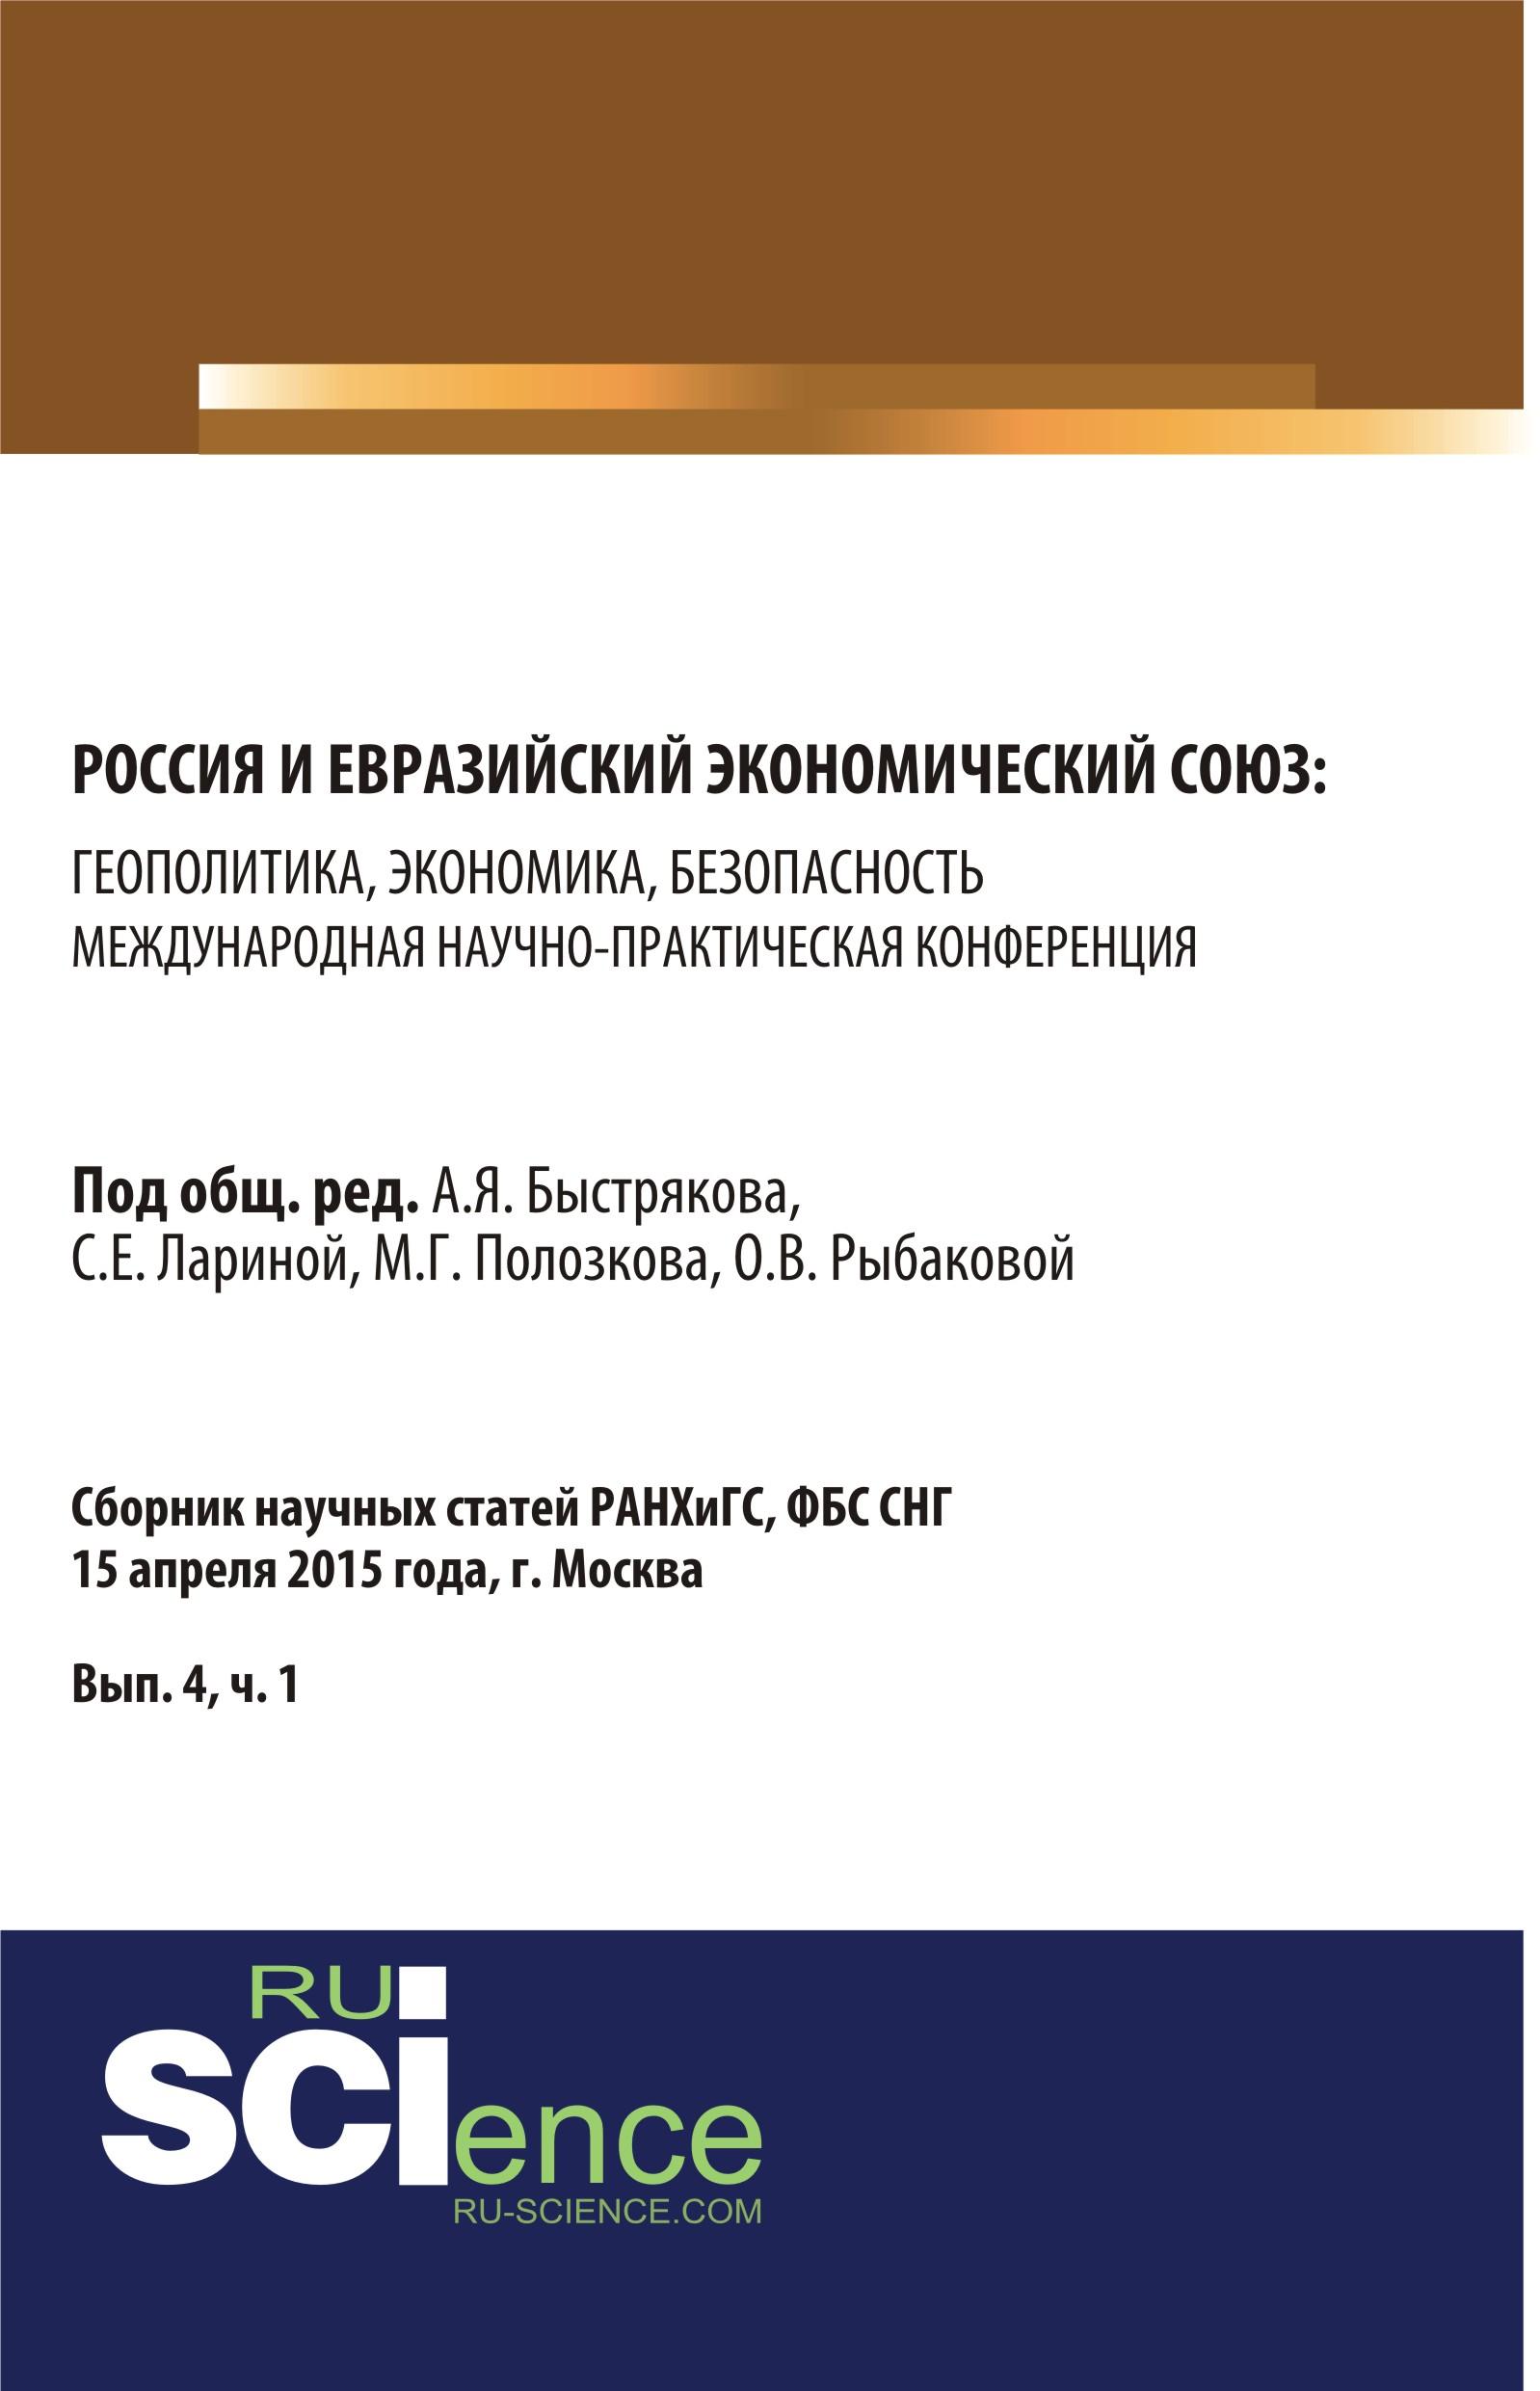 Россия и Евразийский экономический союз: геополитика, экономика, безопасность